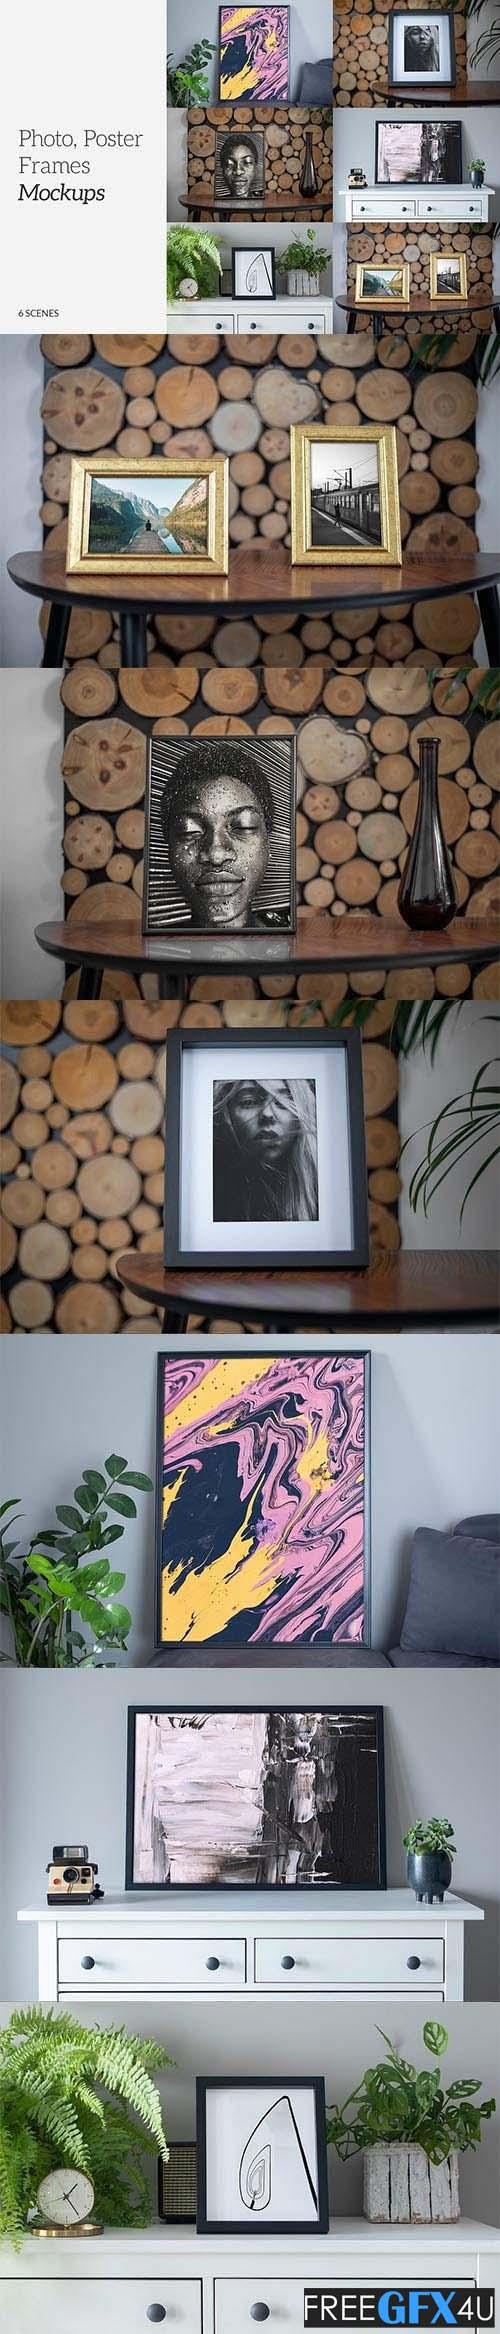 Photo Poster Frames Mockups